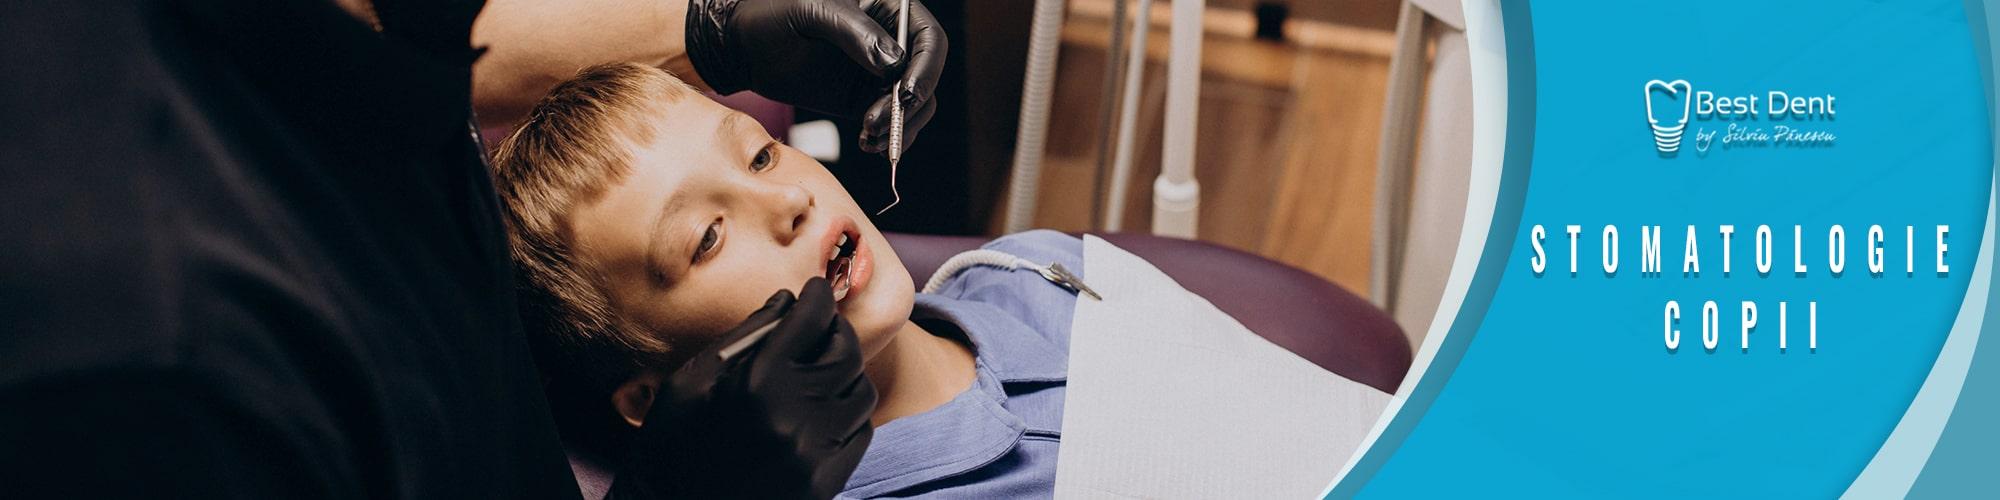 Stomatologie copii Severin